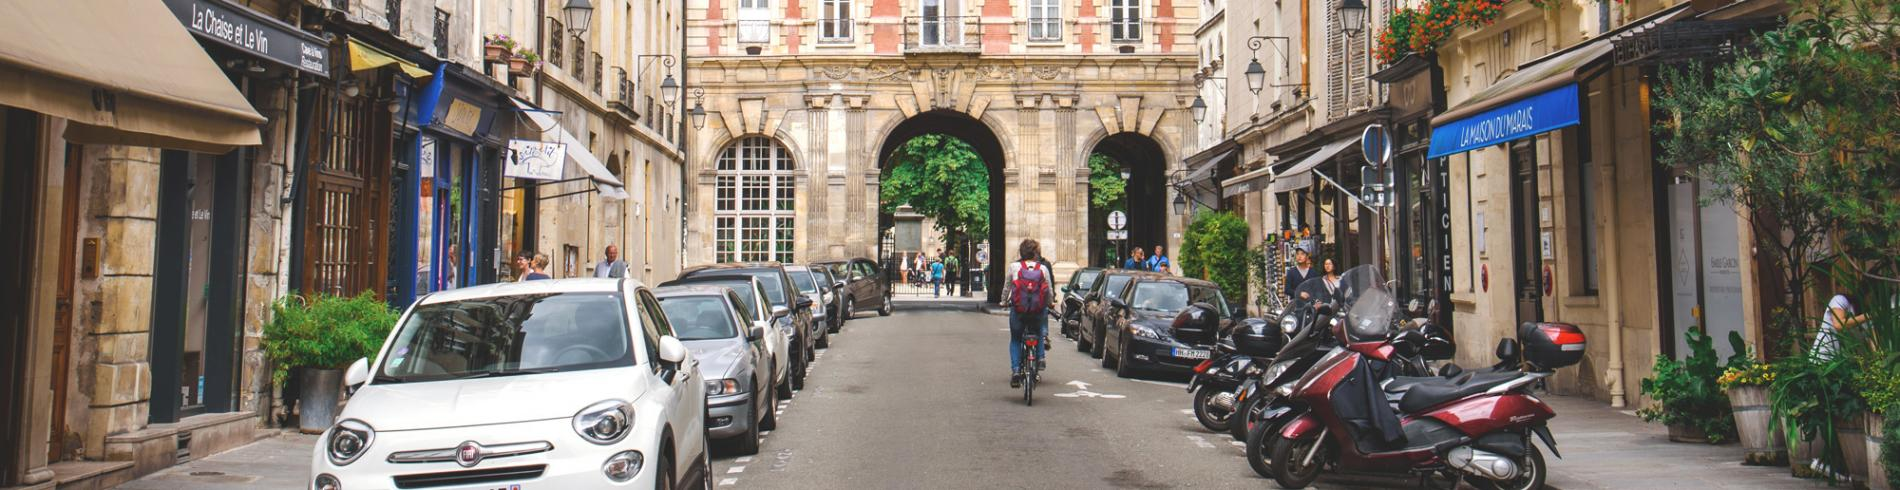 Entrance to the Place des Voges in the Marais